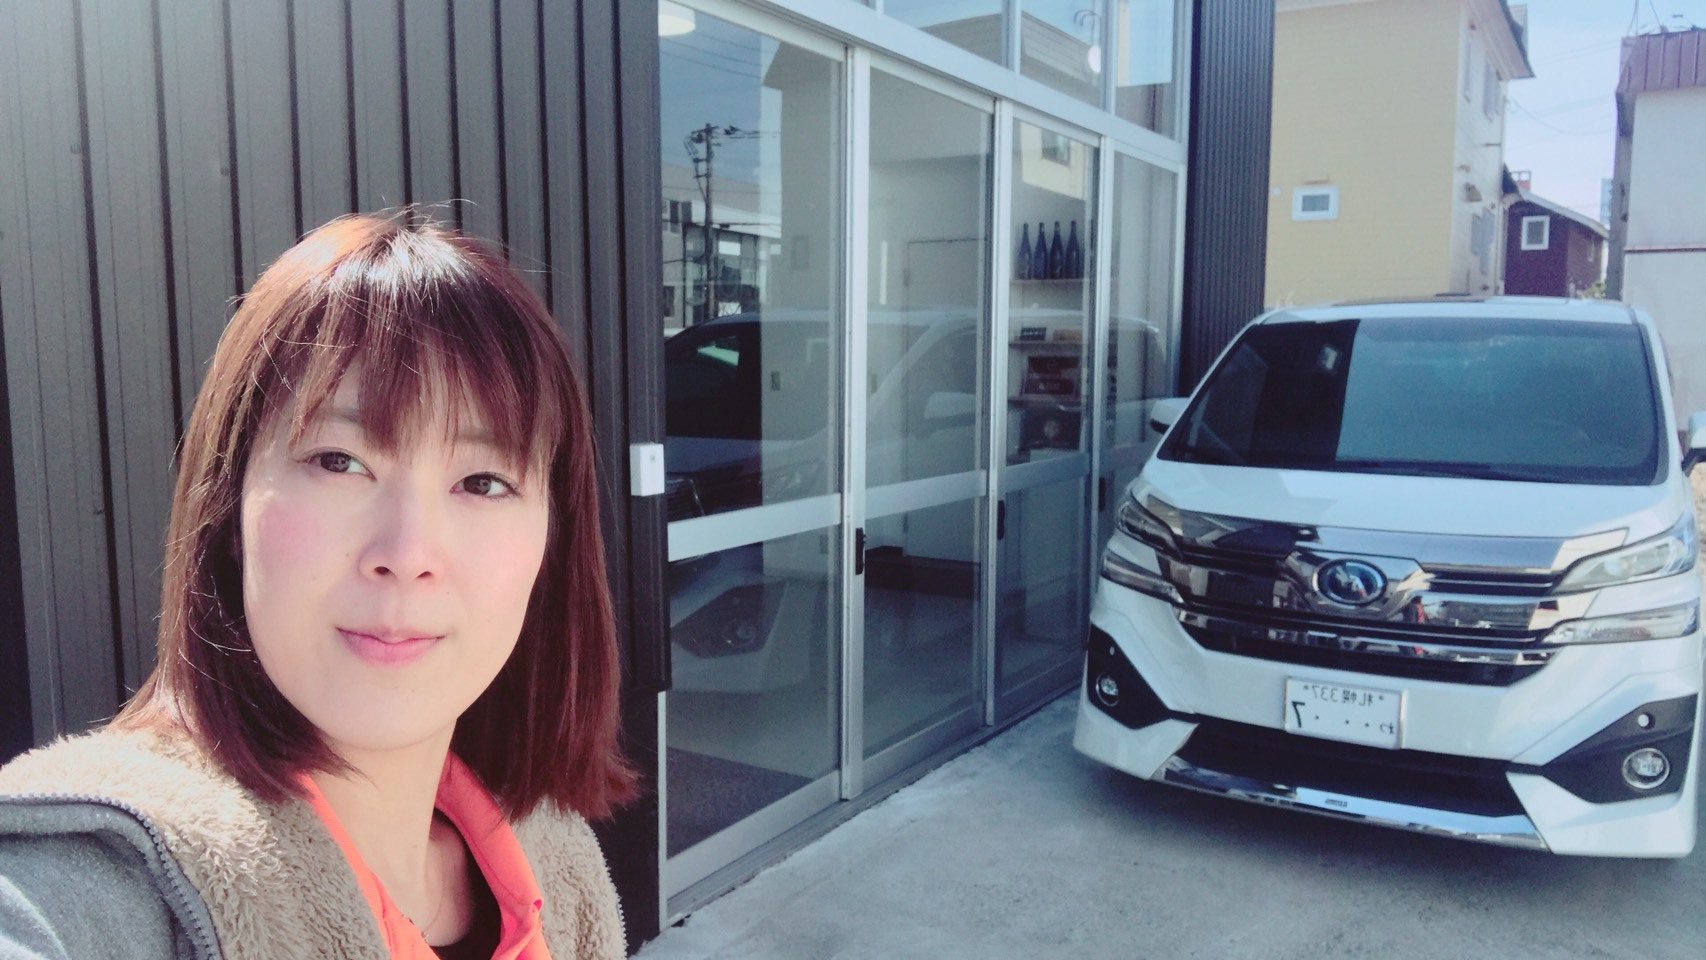 3月30日(金)トミーベース カスタムブログ☆S社様、新車のヴェルファイア到着☆カマロカスタム中☆_b0127002_11443812.jpg